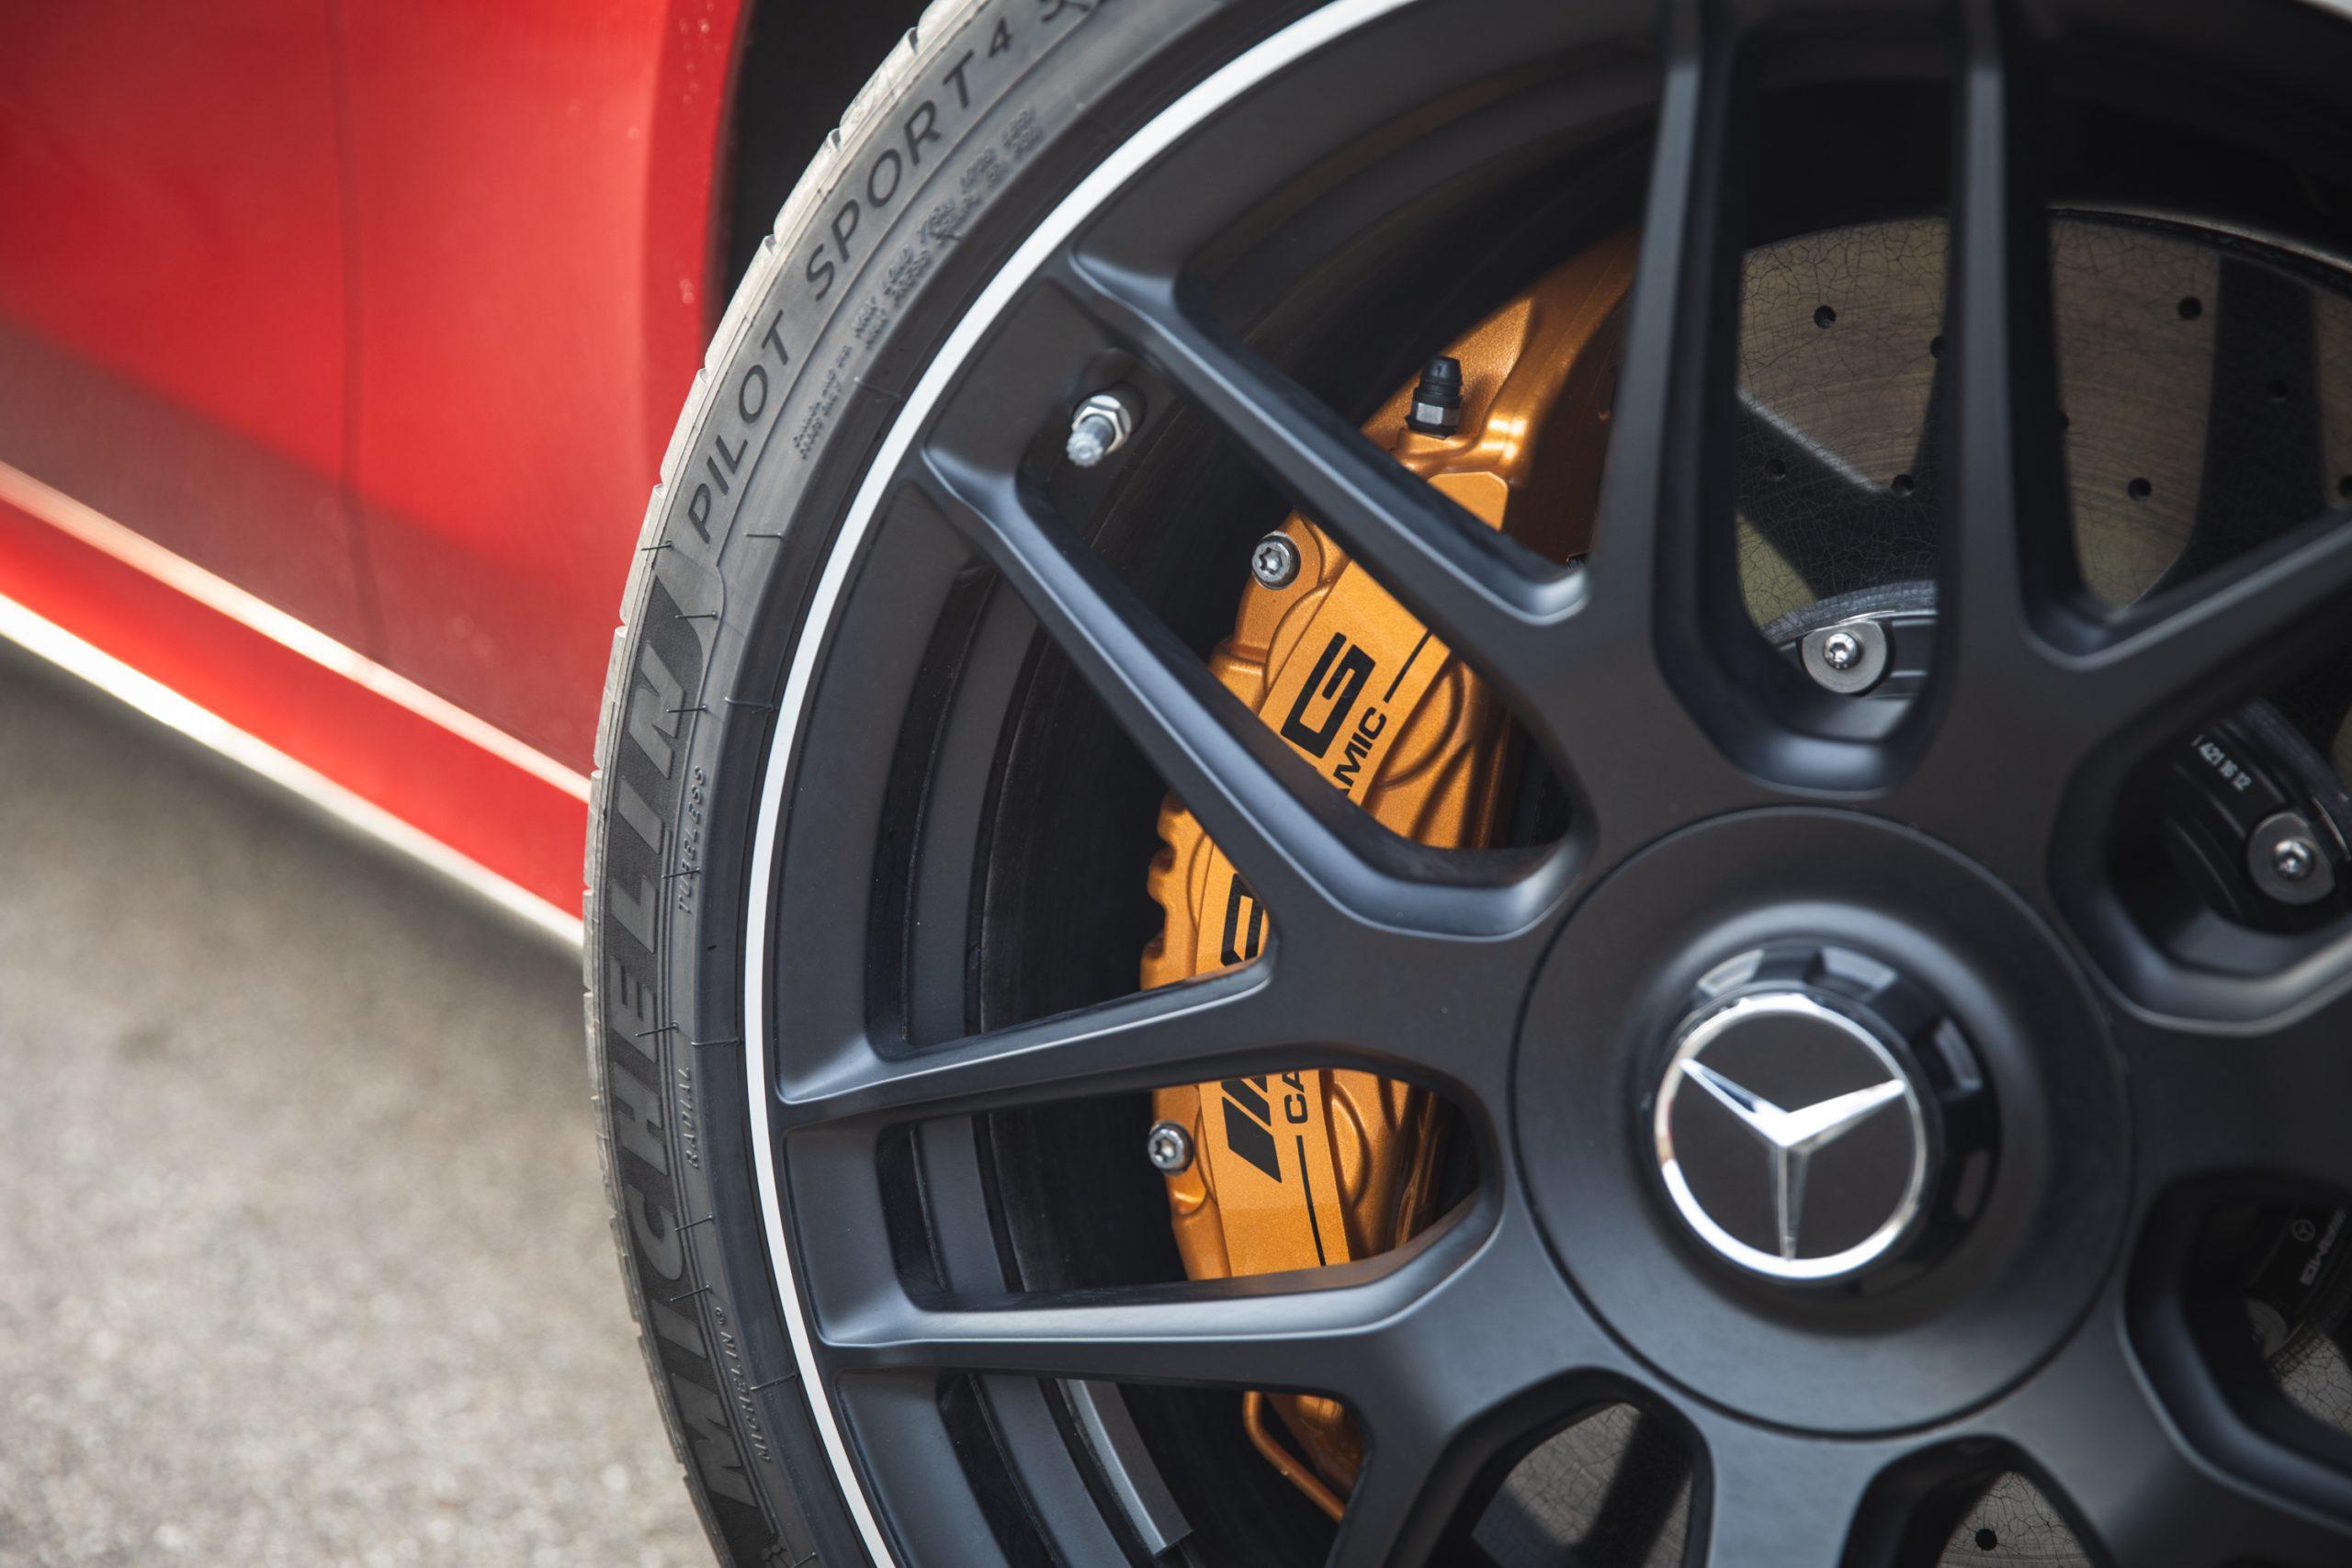 2021 Mercedes-AMG E63 S wagon wheel tire detail